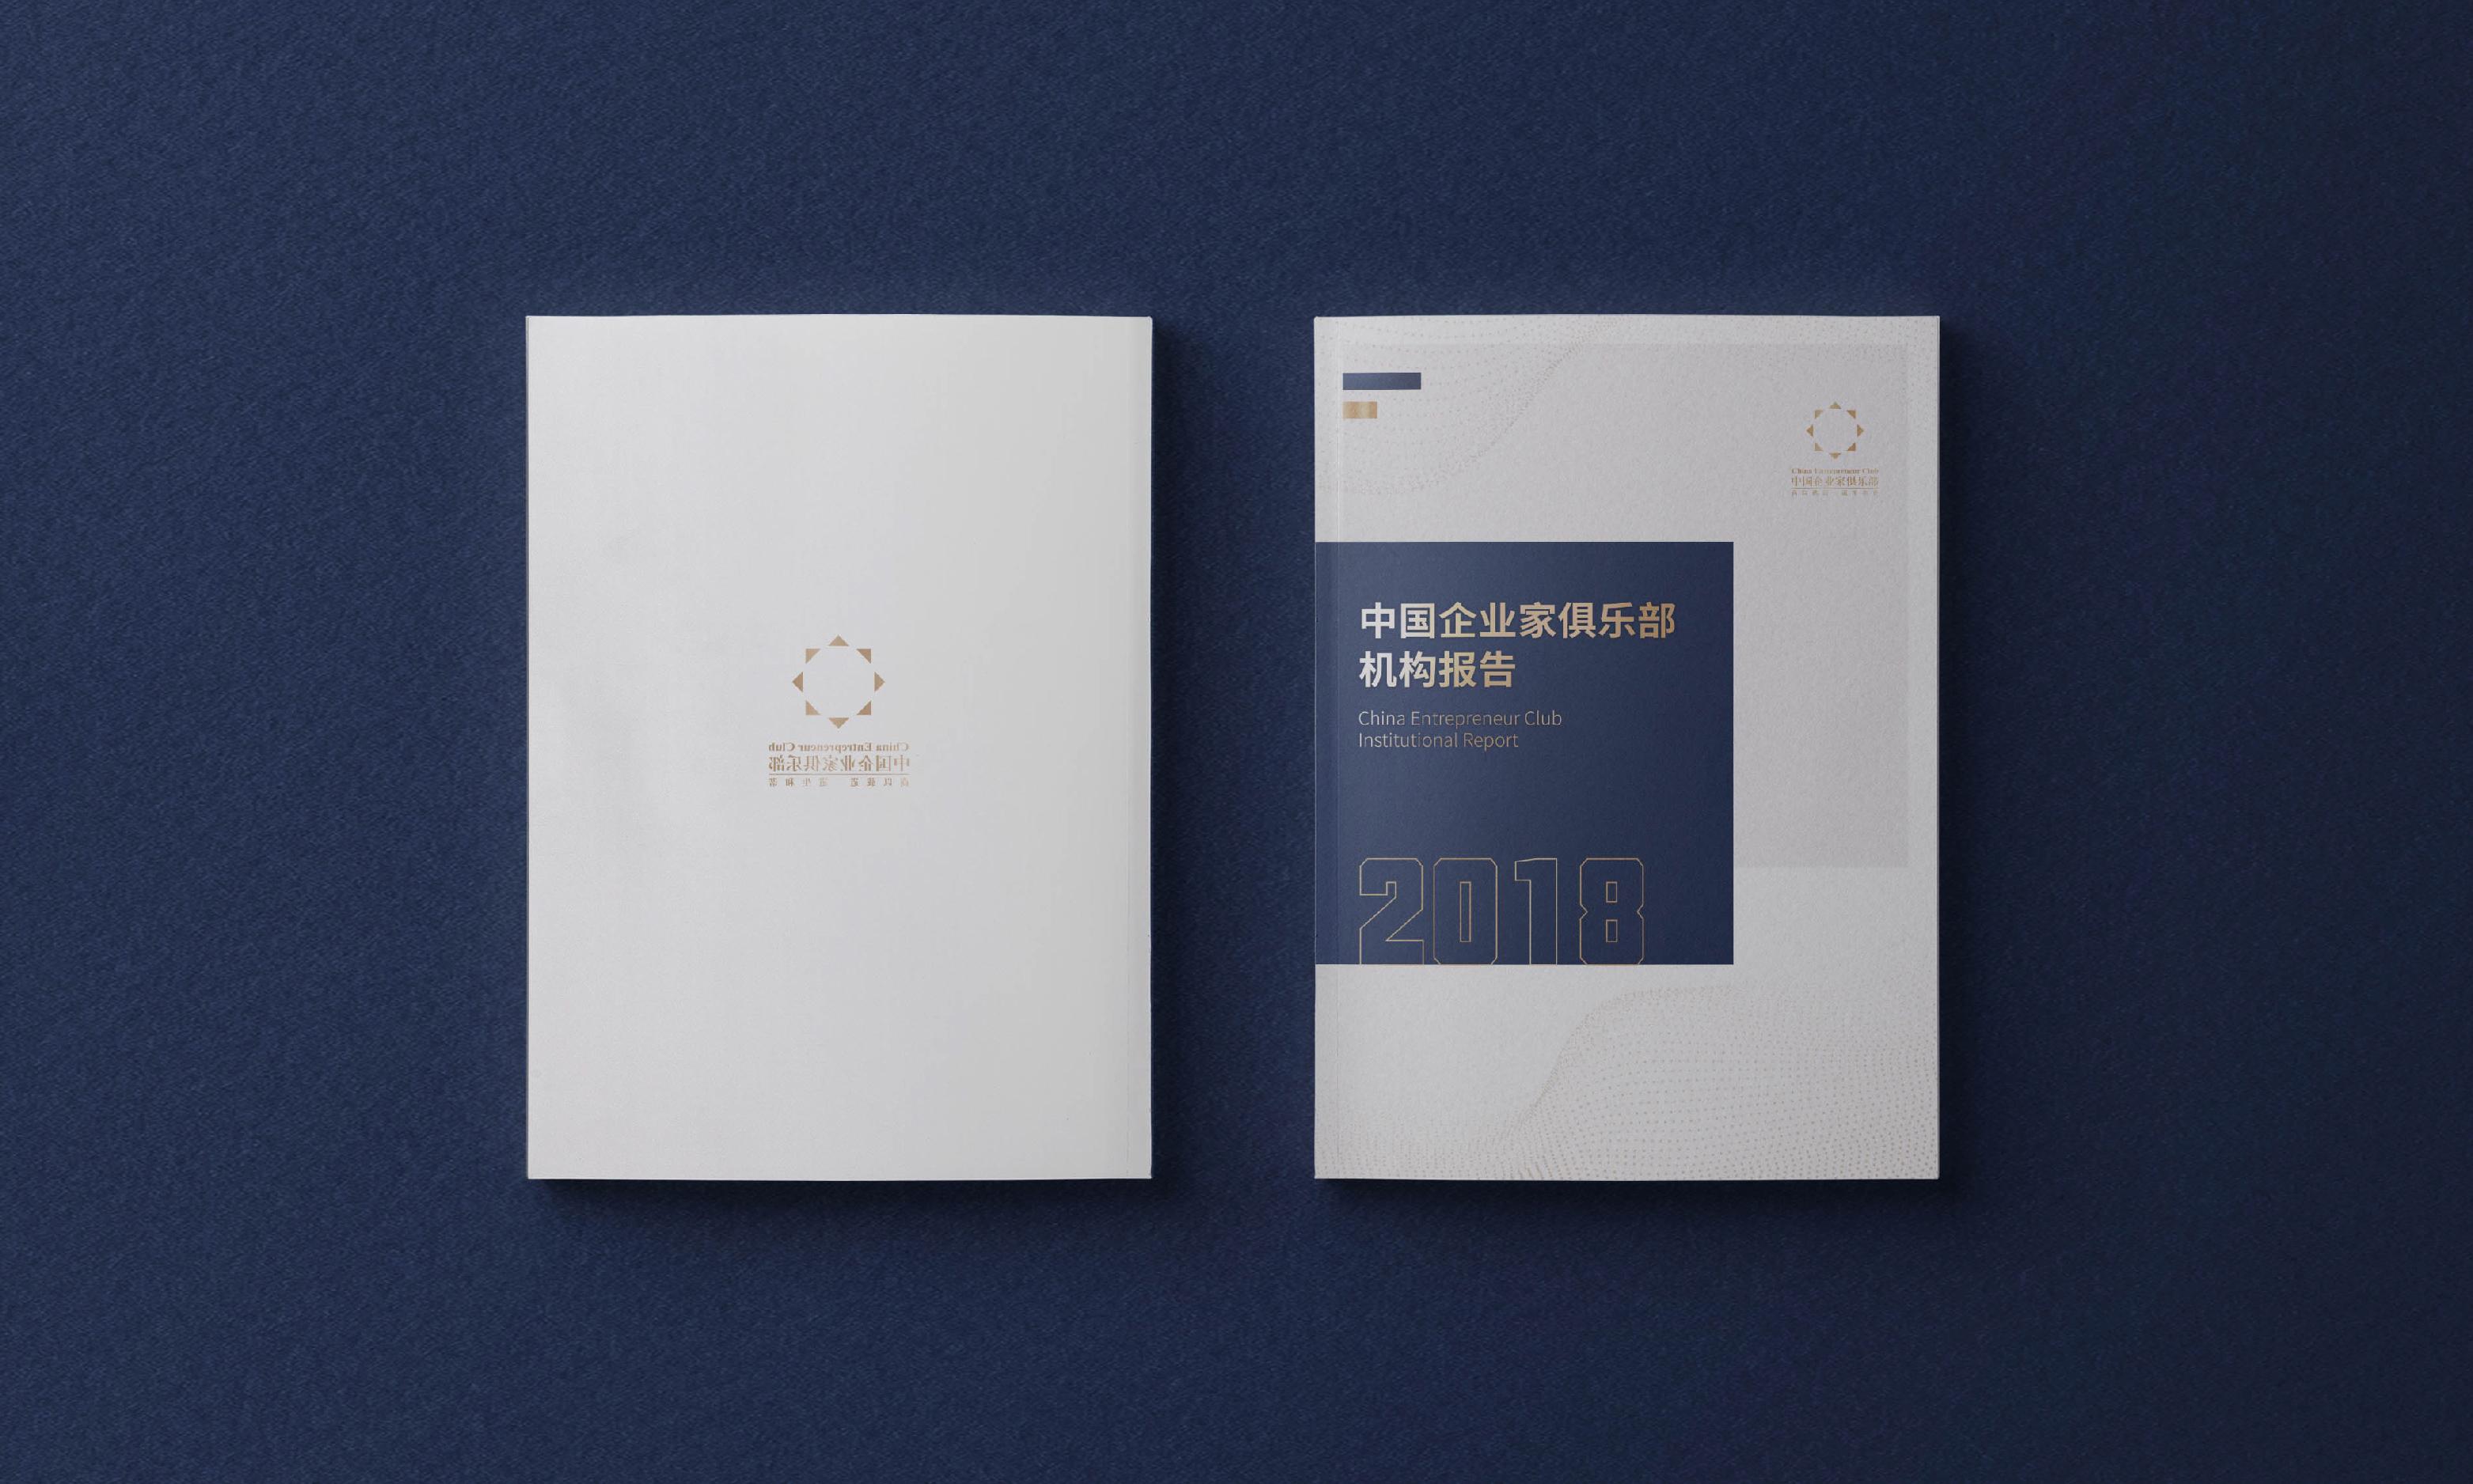 中國企業家聯盟俱樂部機構報告